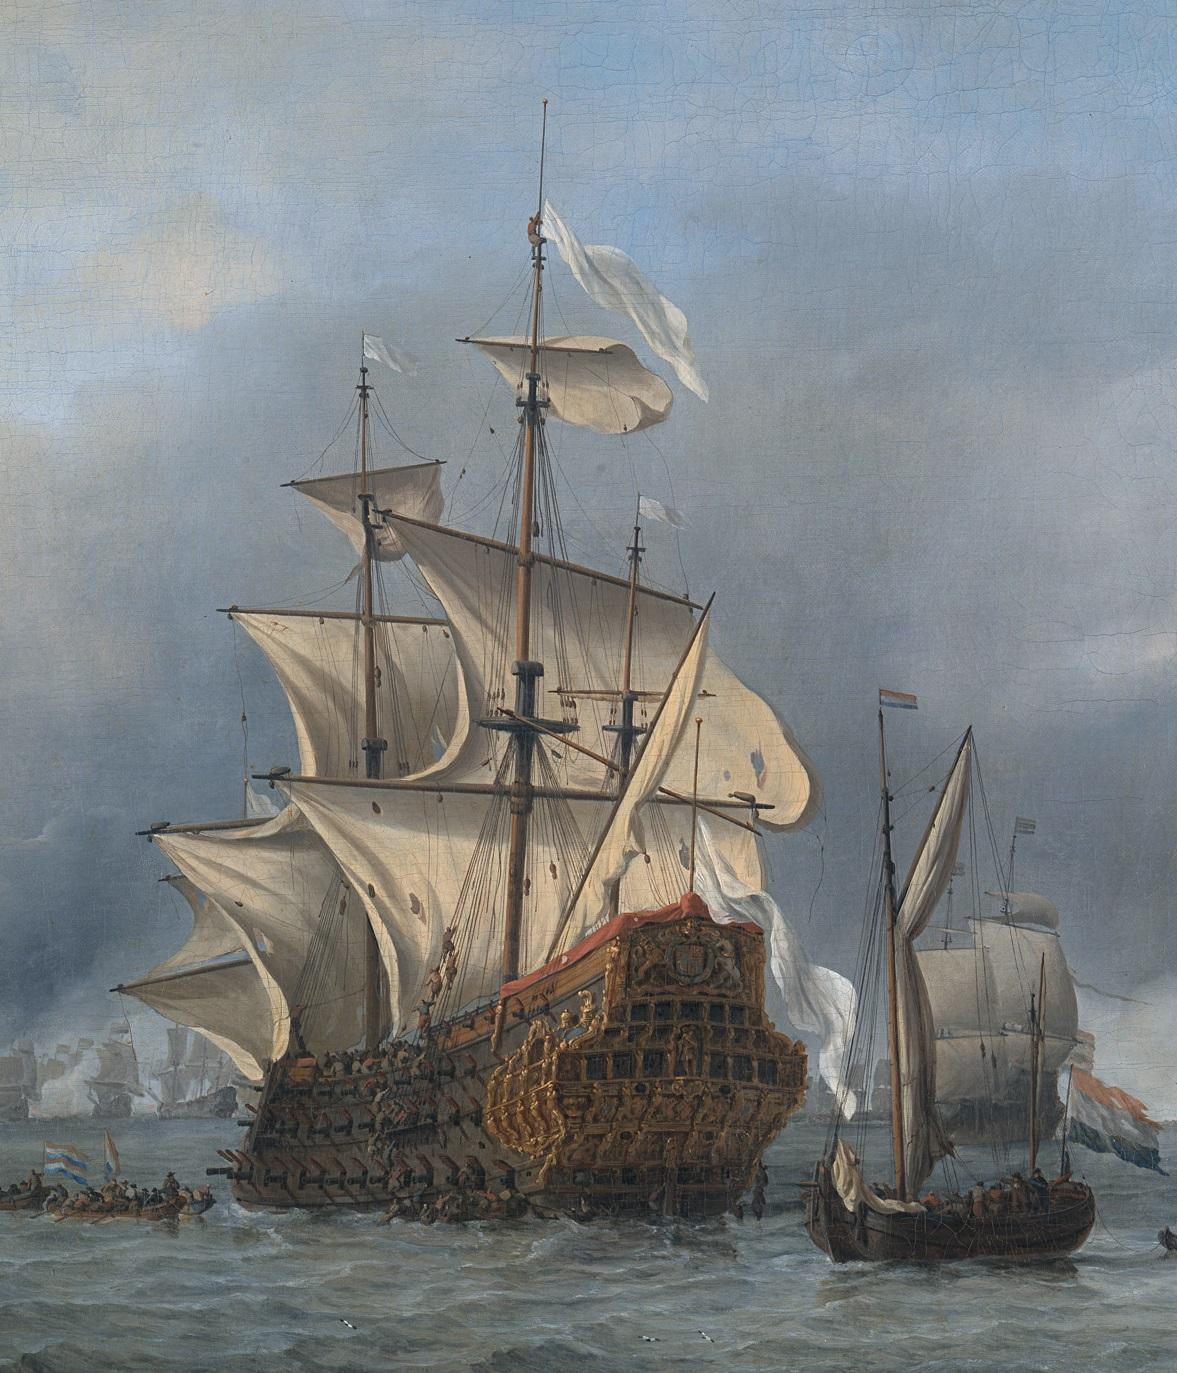 Willem_van_de_Velde_(II)_-_De_verovering_van_het_Engelse_admiraalschip_de_'Royal_Prince'